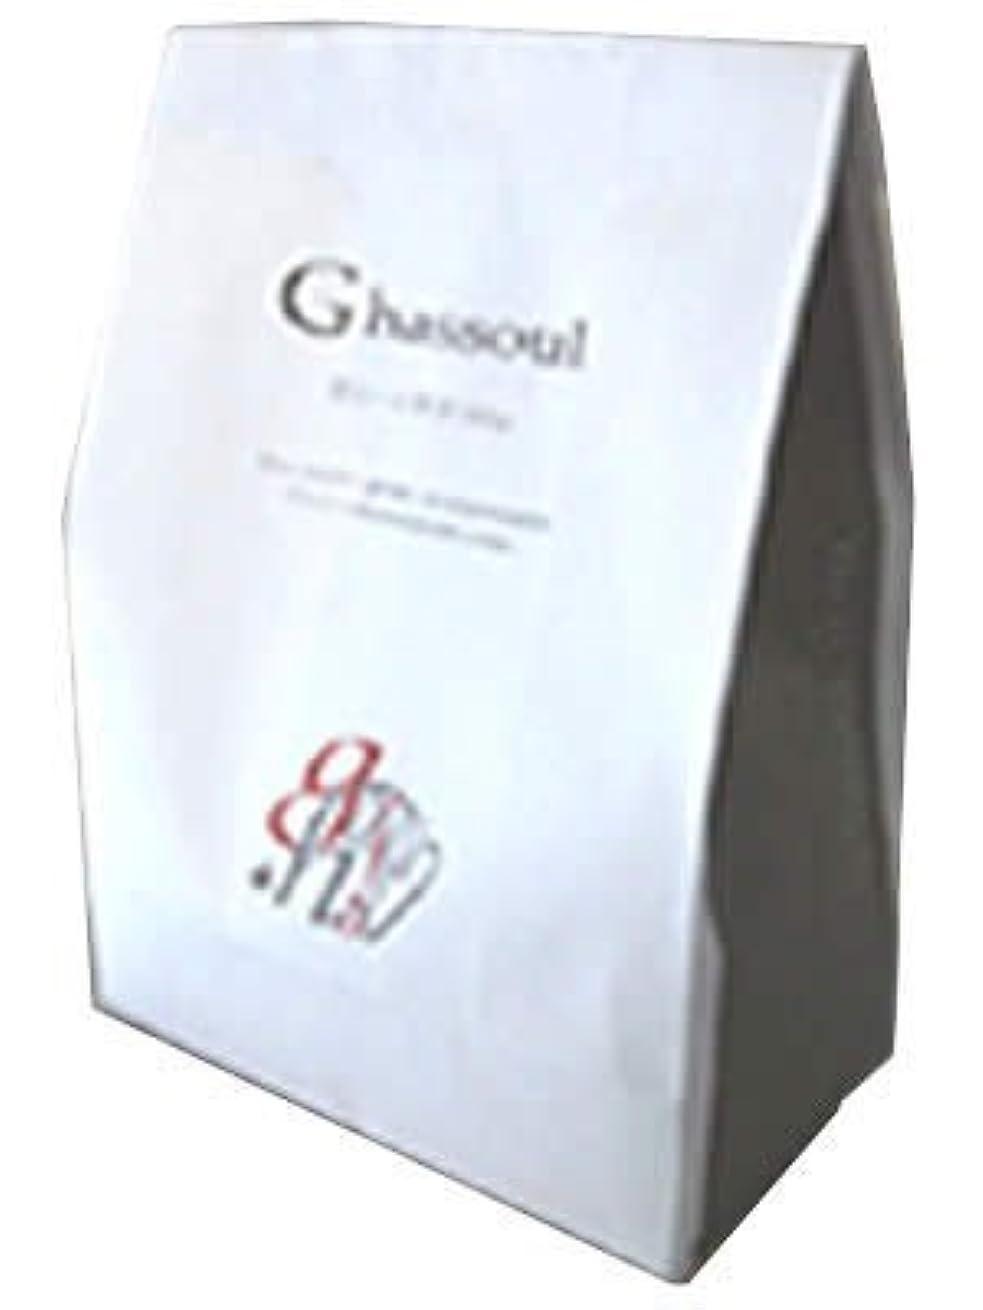 値下げ私たち補償ナイアード ガスール固形(タブレット)タイプ 500g